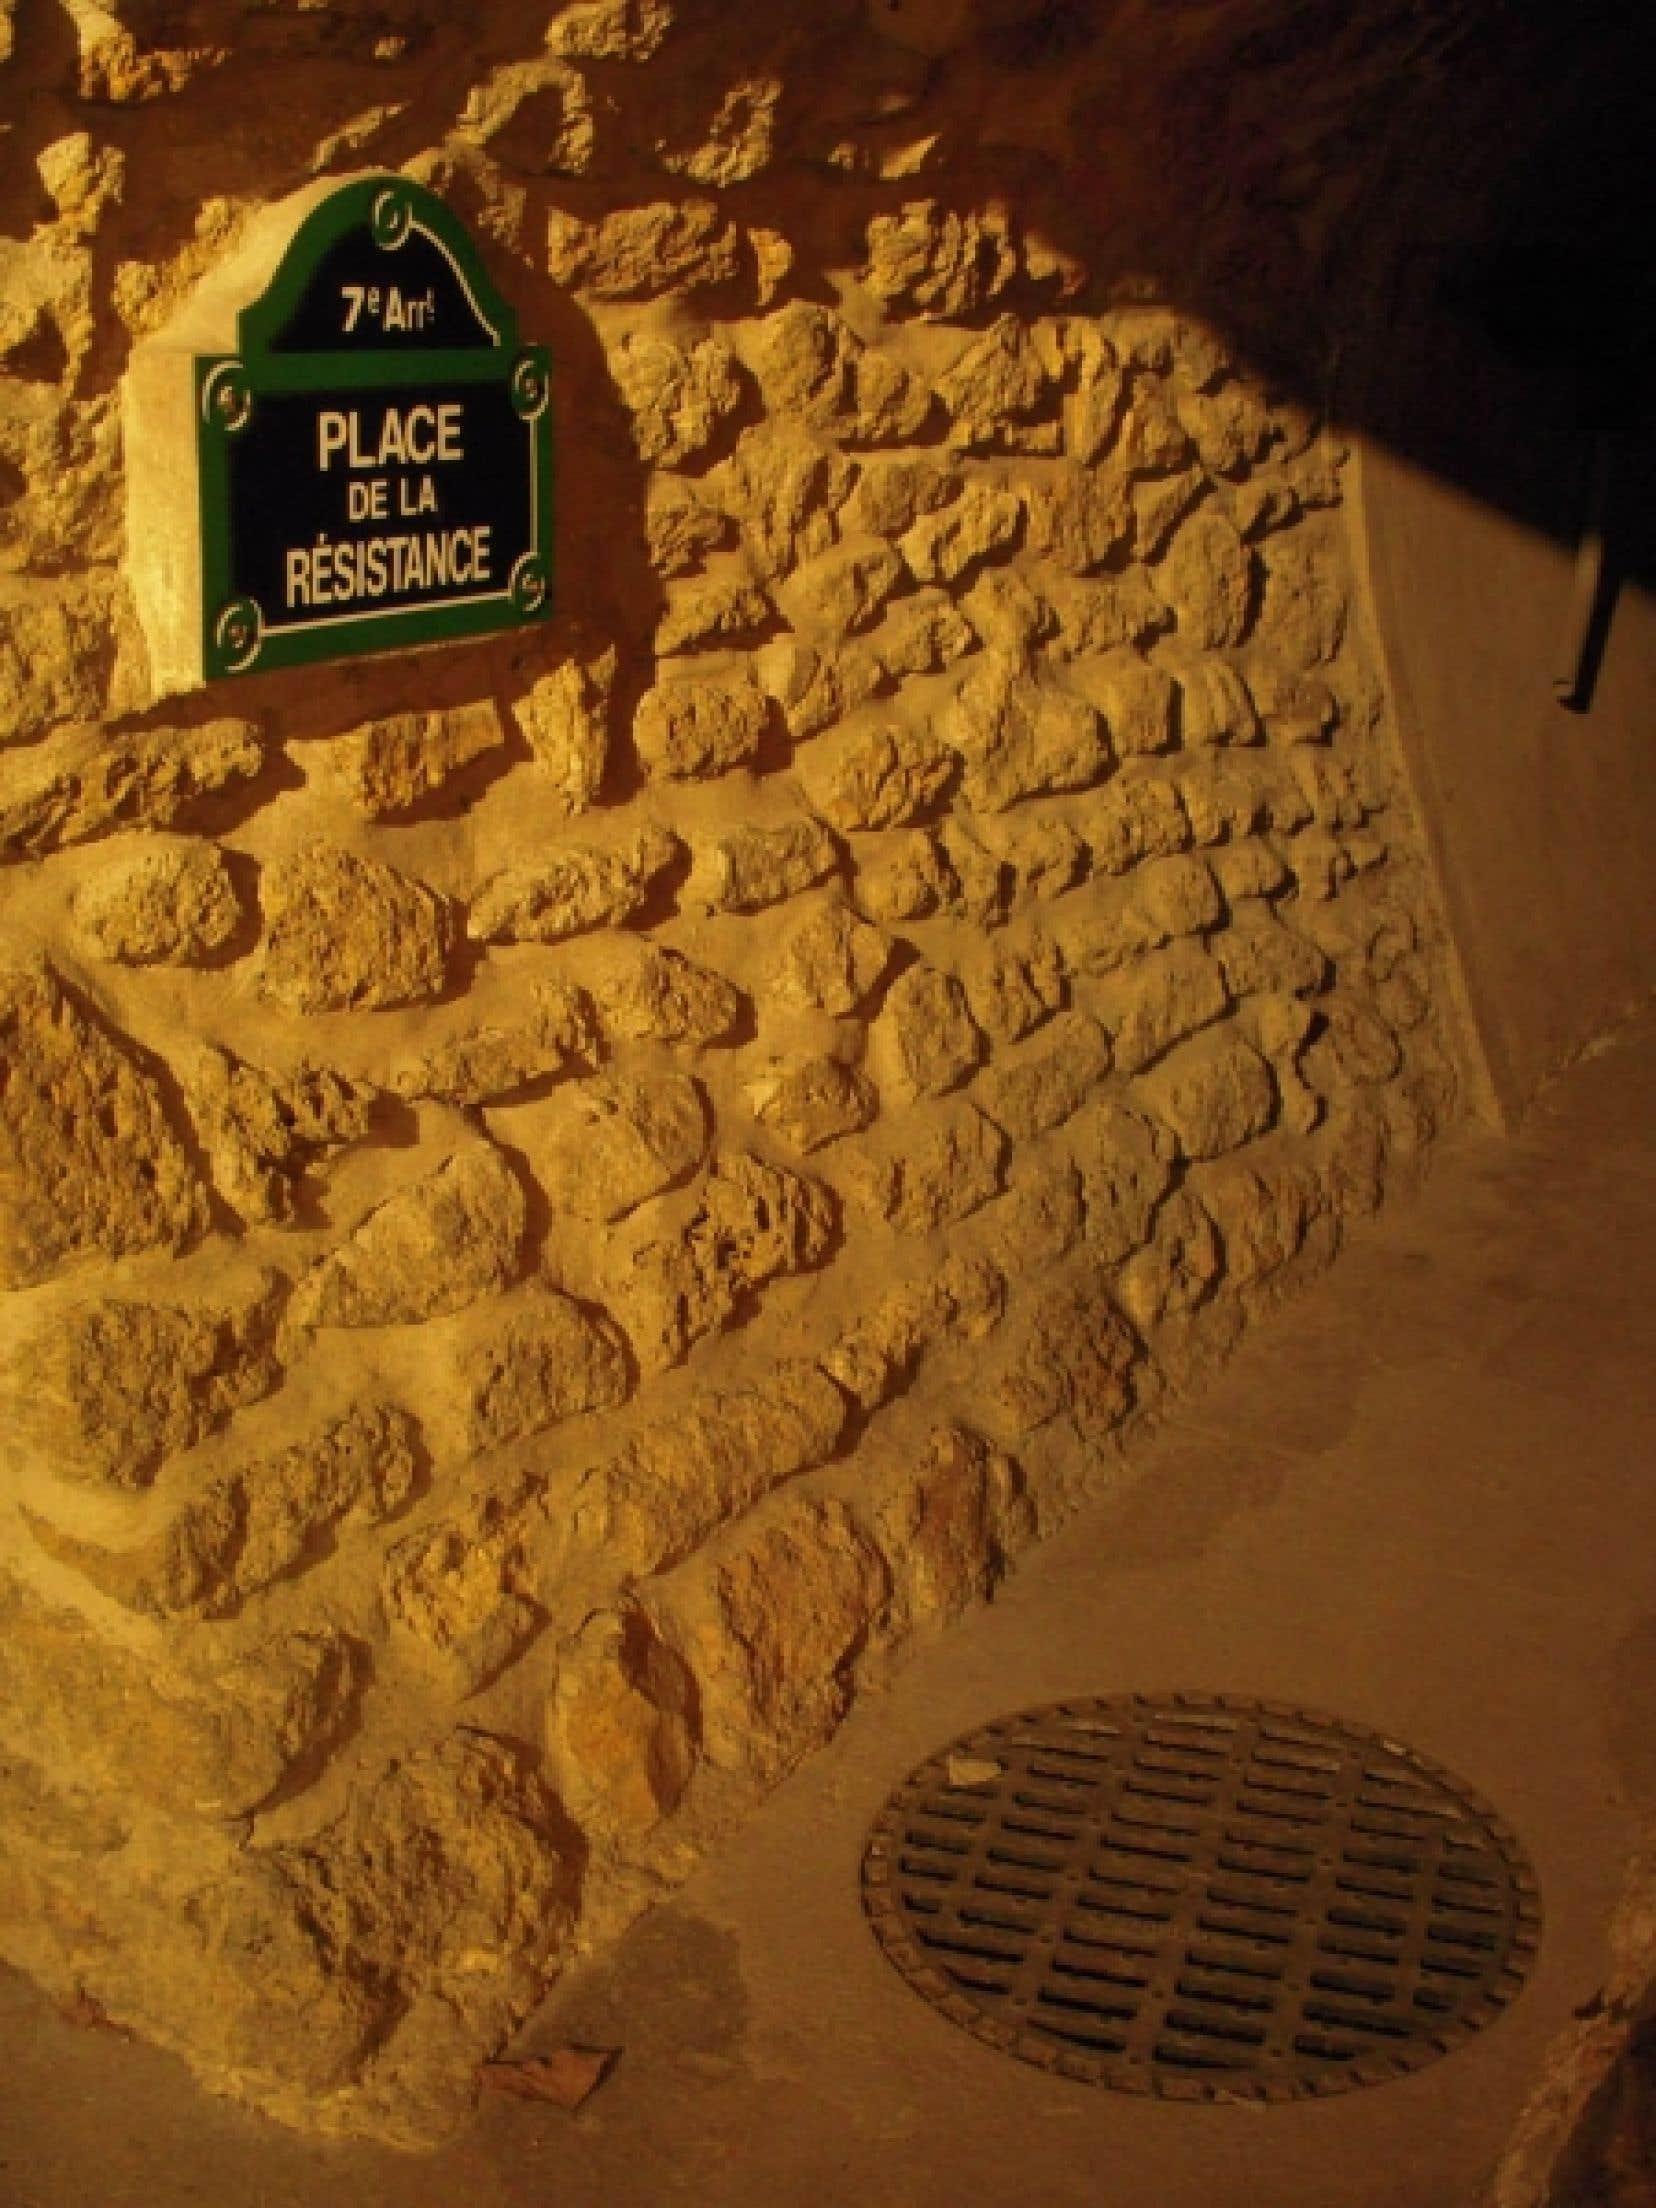 Les expériences de travail des égoutiers, racontées par les guides, réussissent presque à voler la vedette aux 2100 kilomètres de tunnels qui constituent les égouts de la Ville lumière.